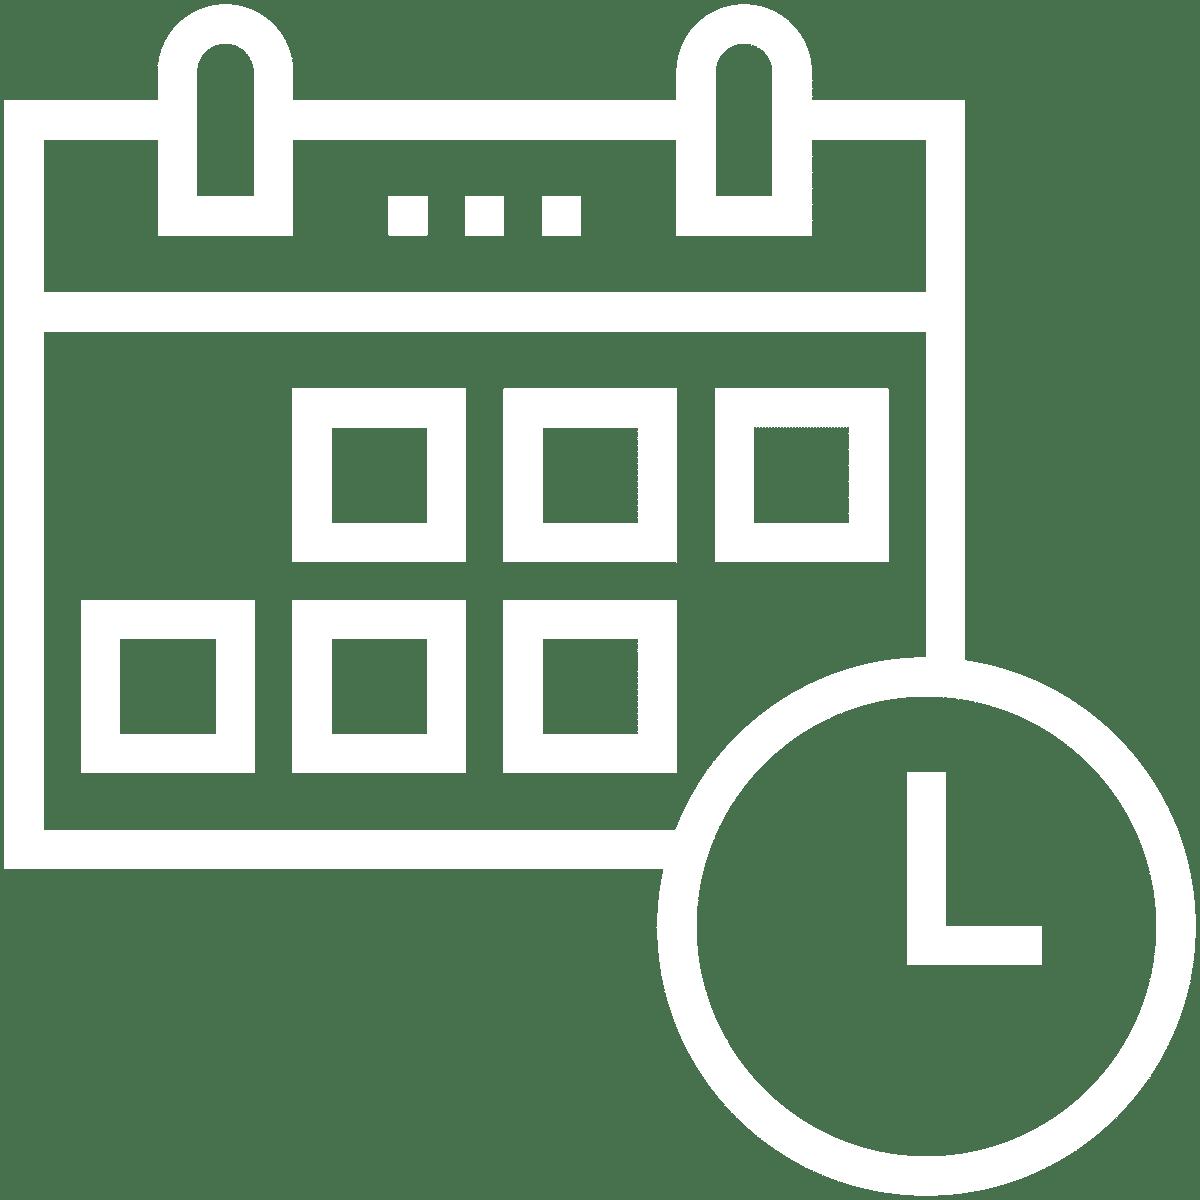 Workforce Scheduling